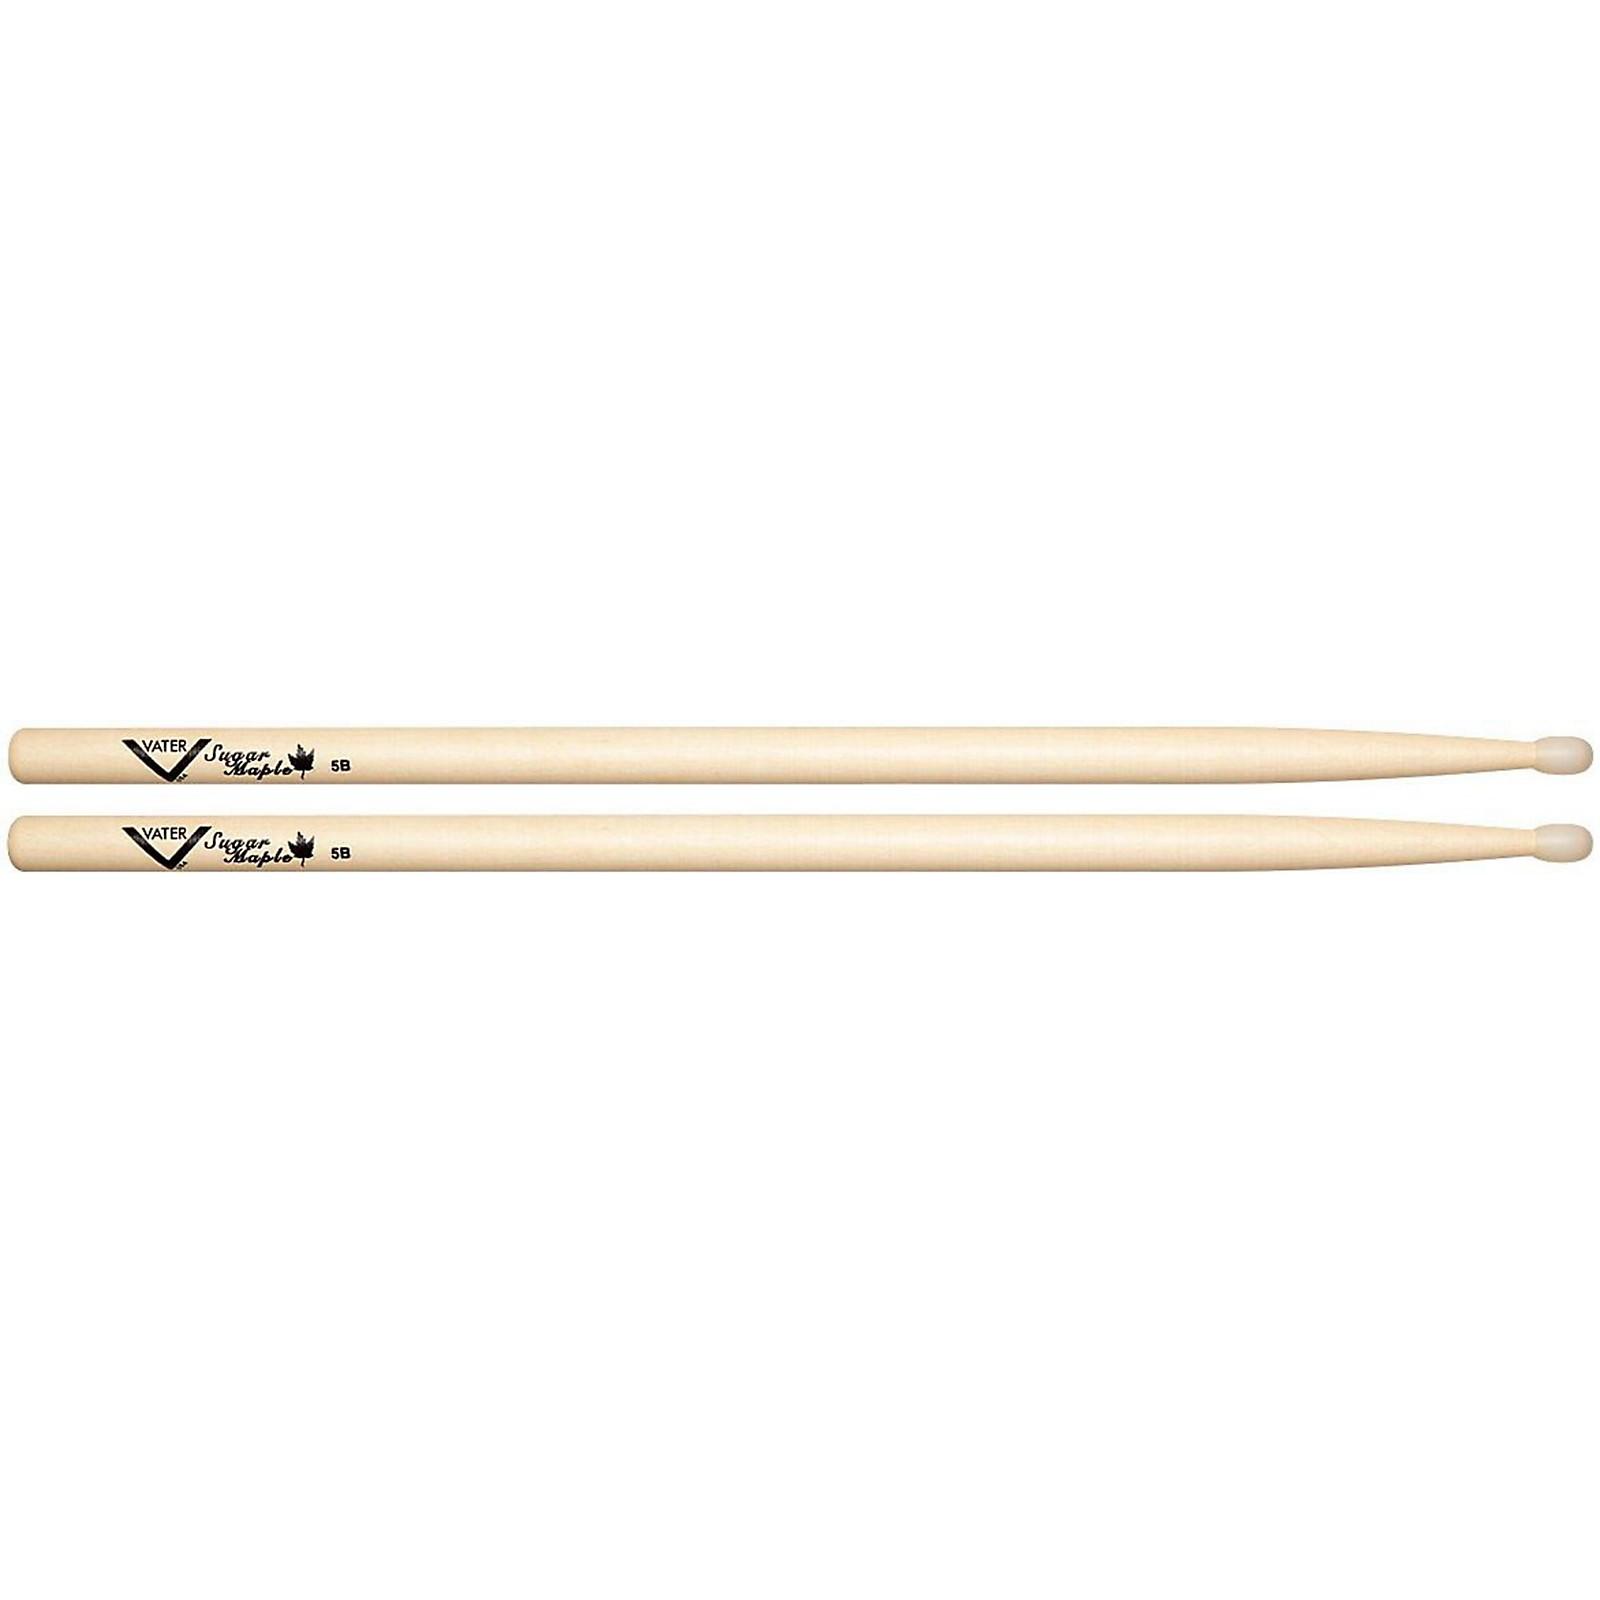 Vater Sugar Maple Drum Stick 5B